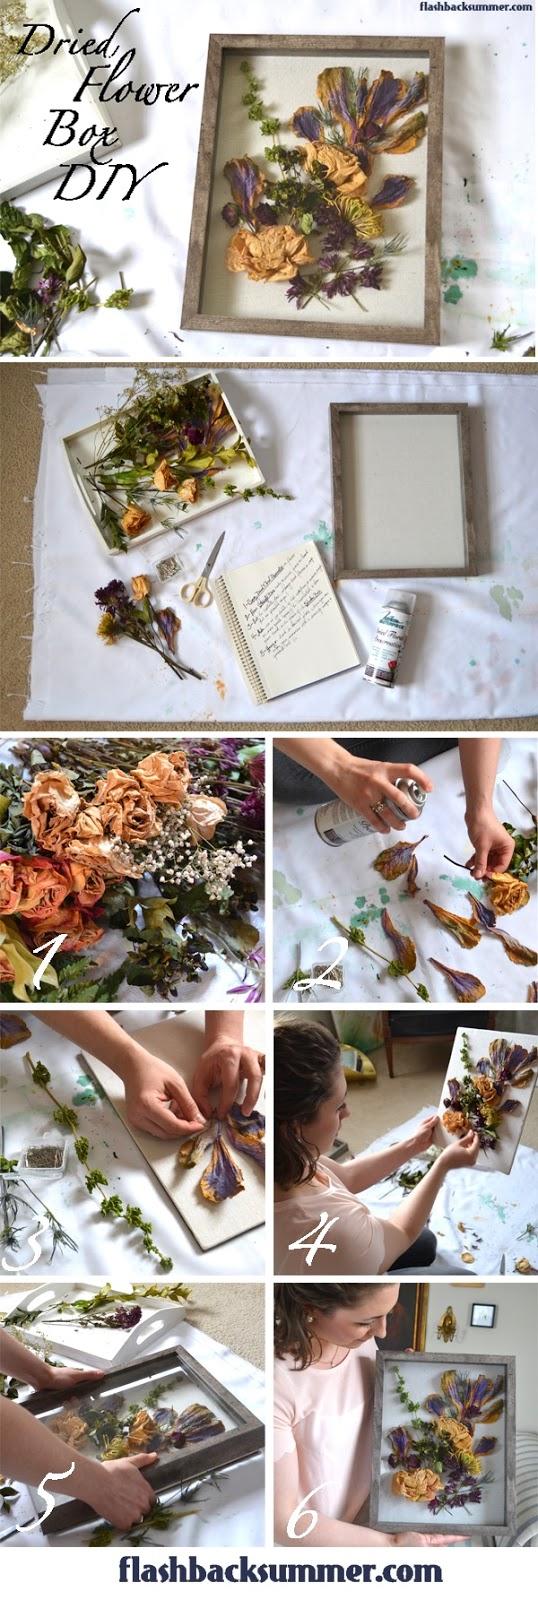 Dried Flower Box Diy Flashback Summer